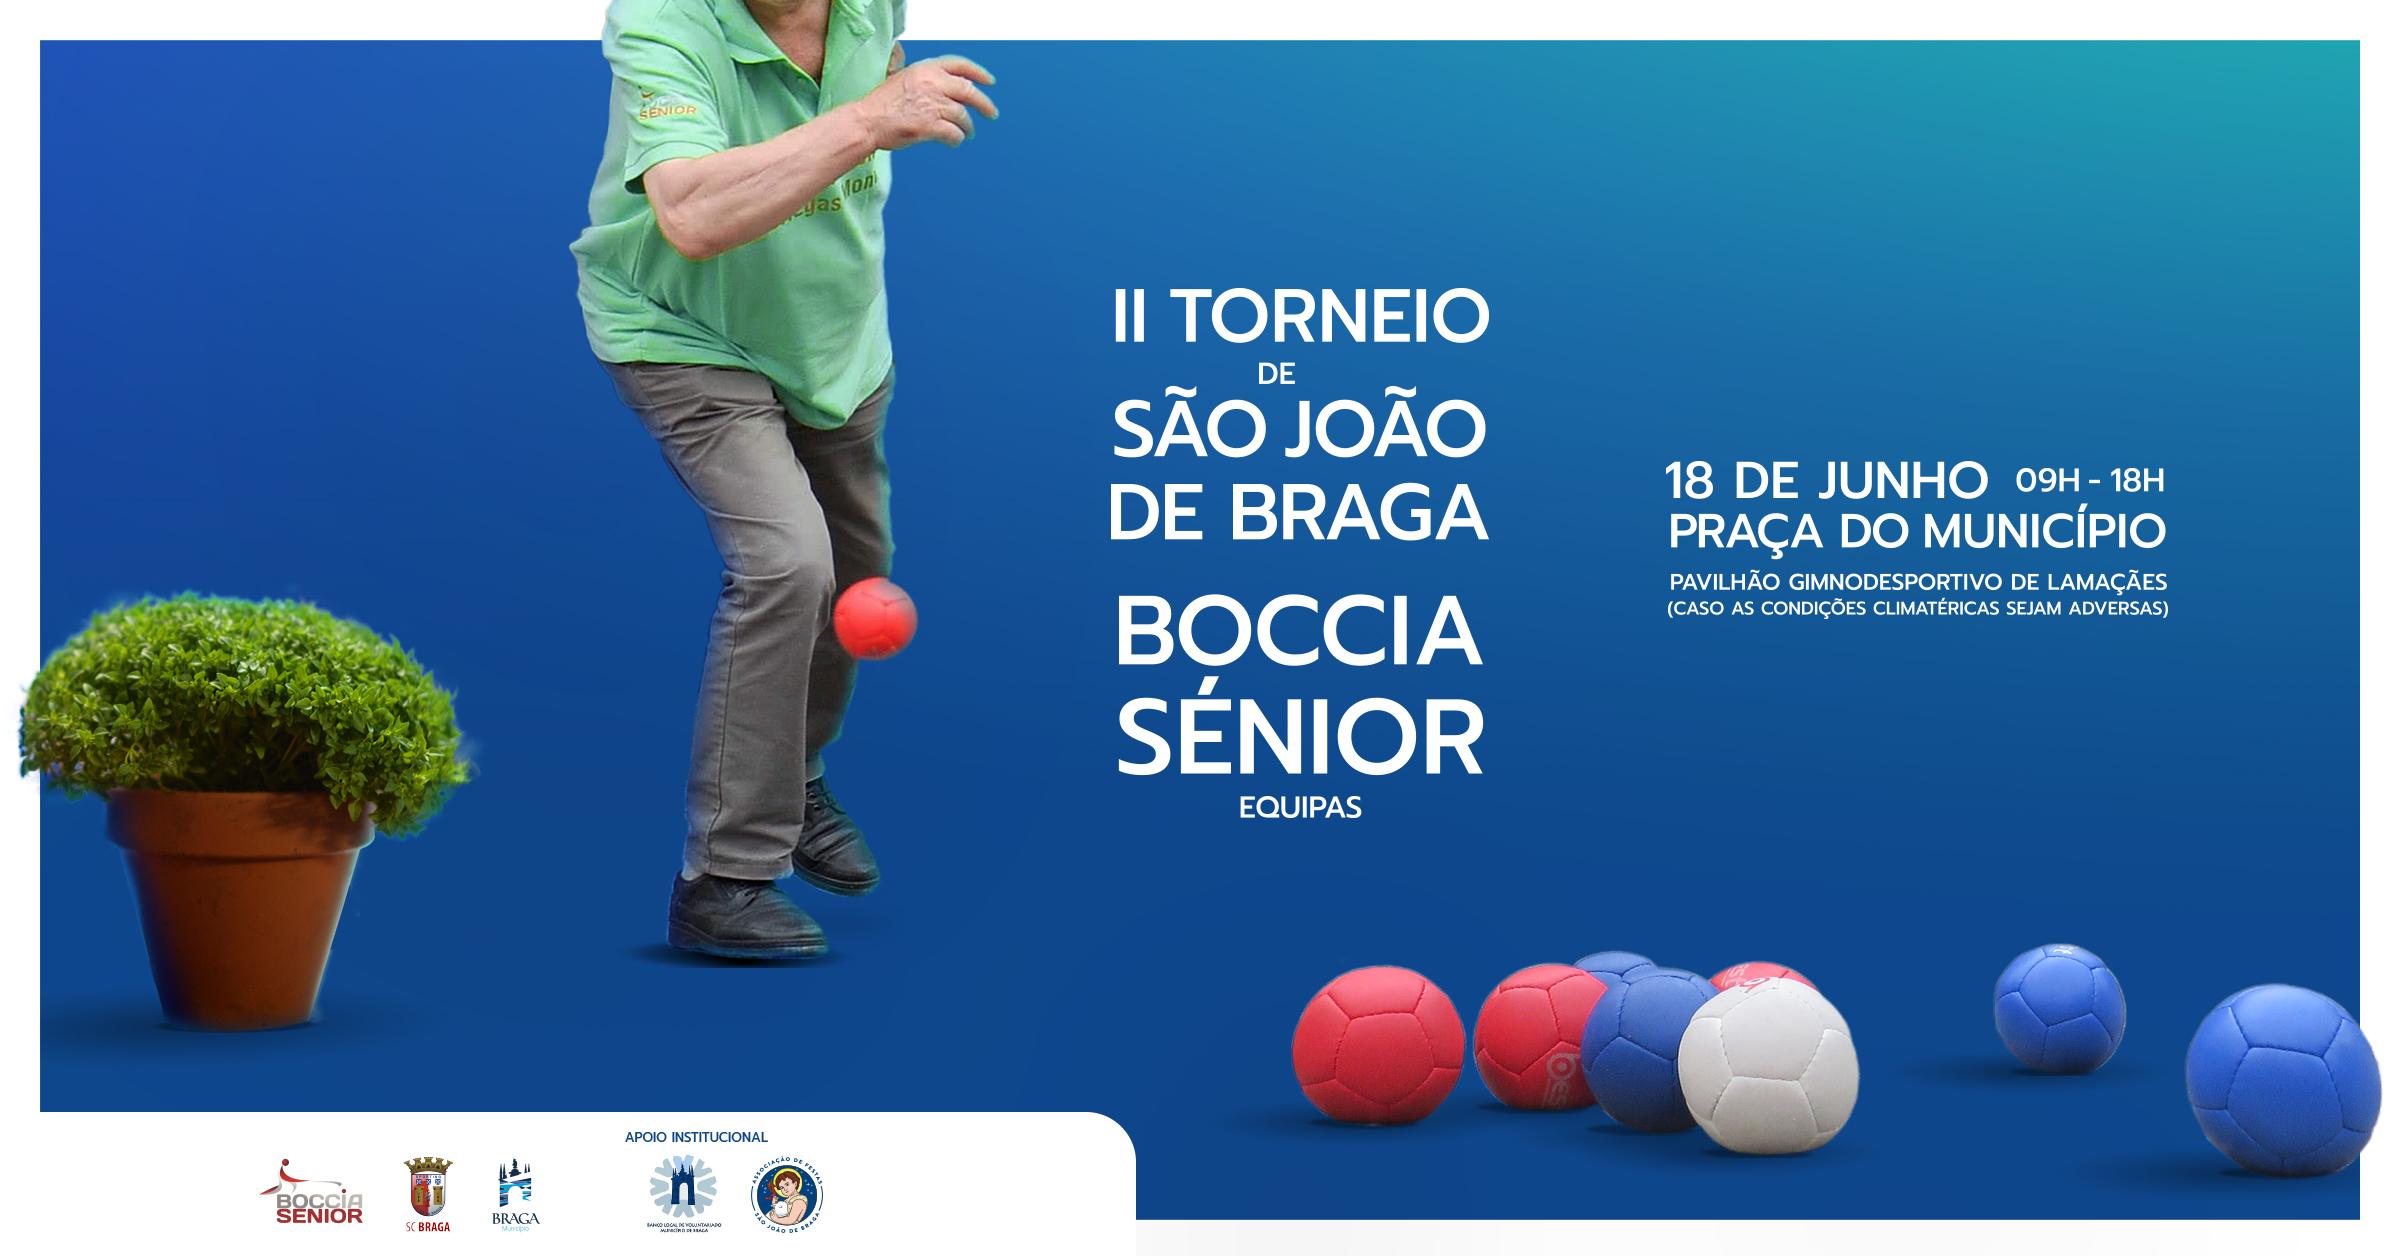 Torneio de São João de Braga Boccia Sénior